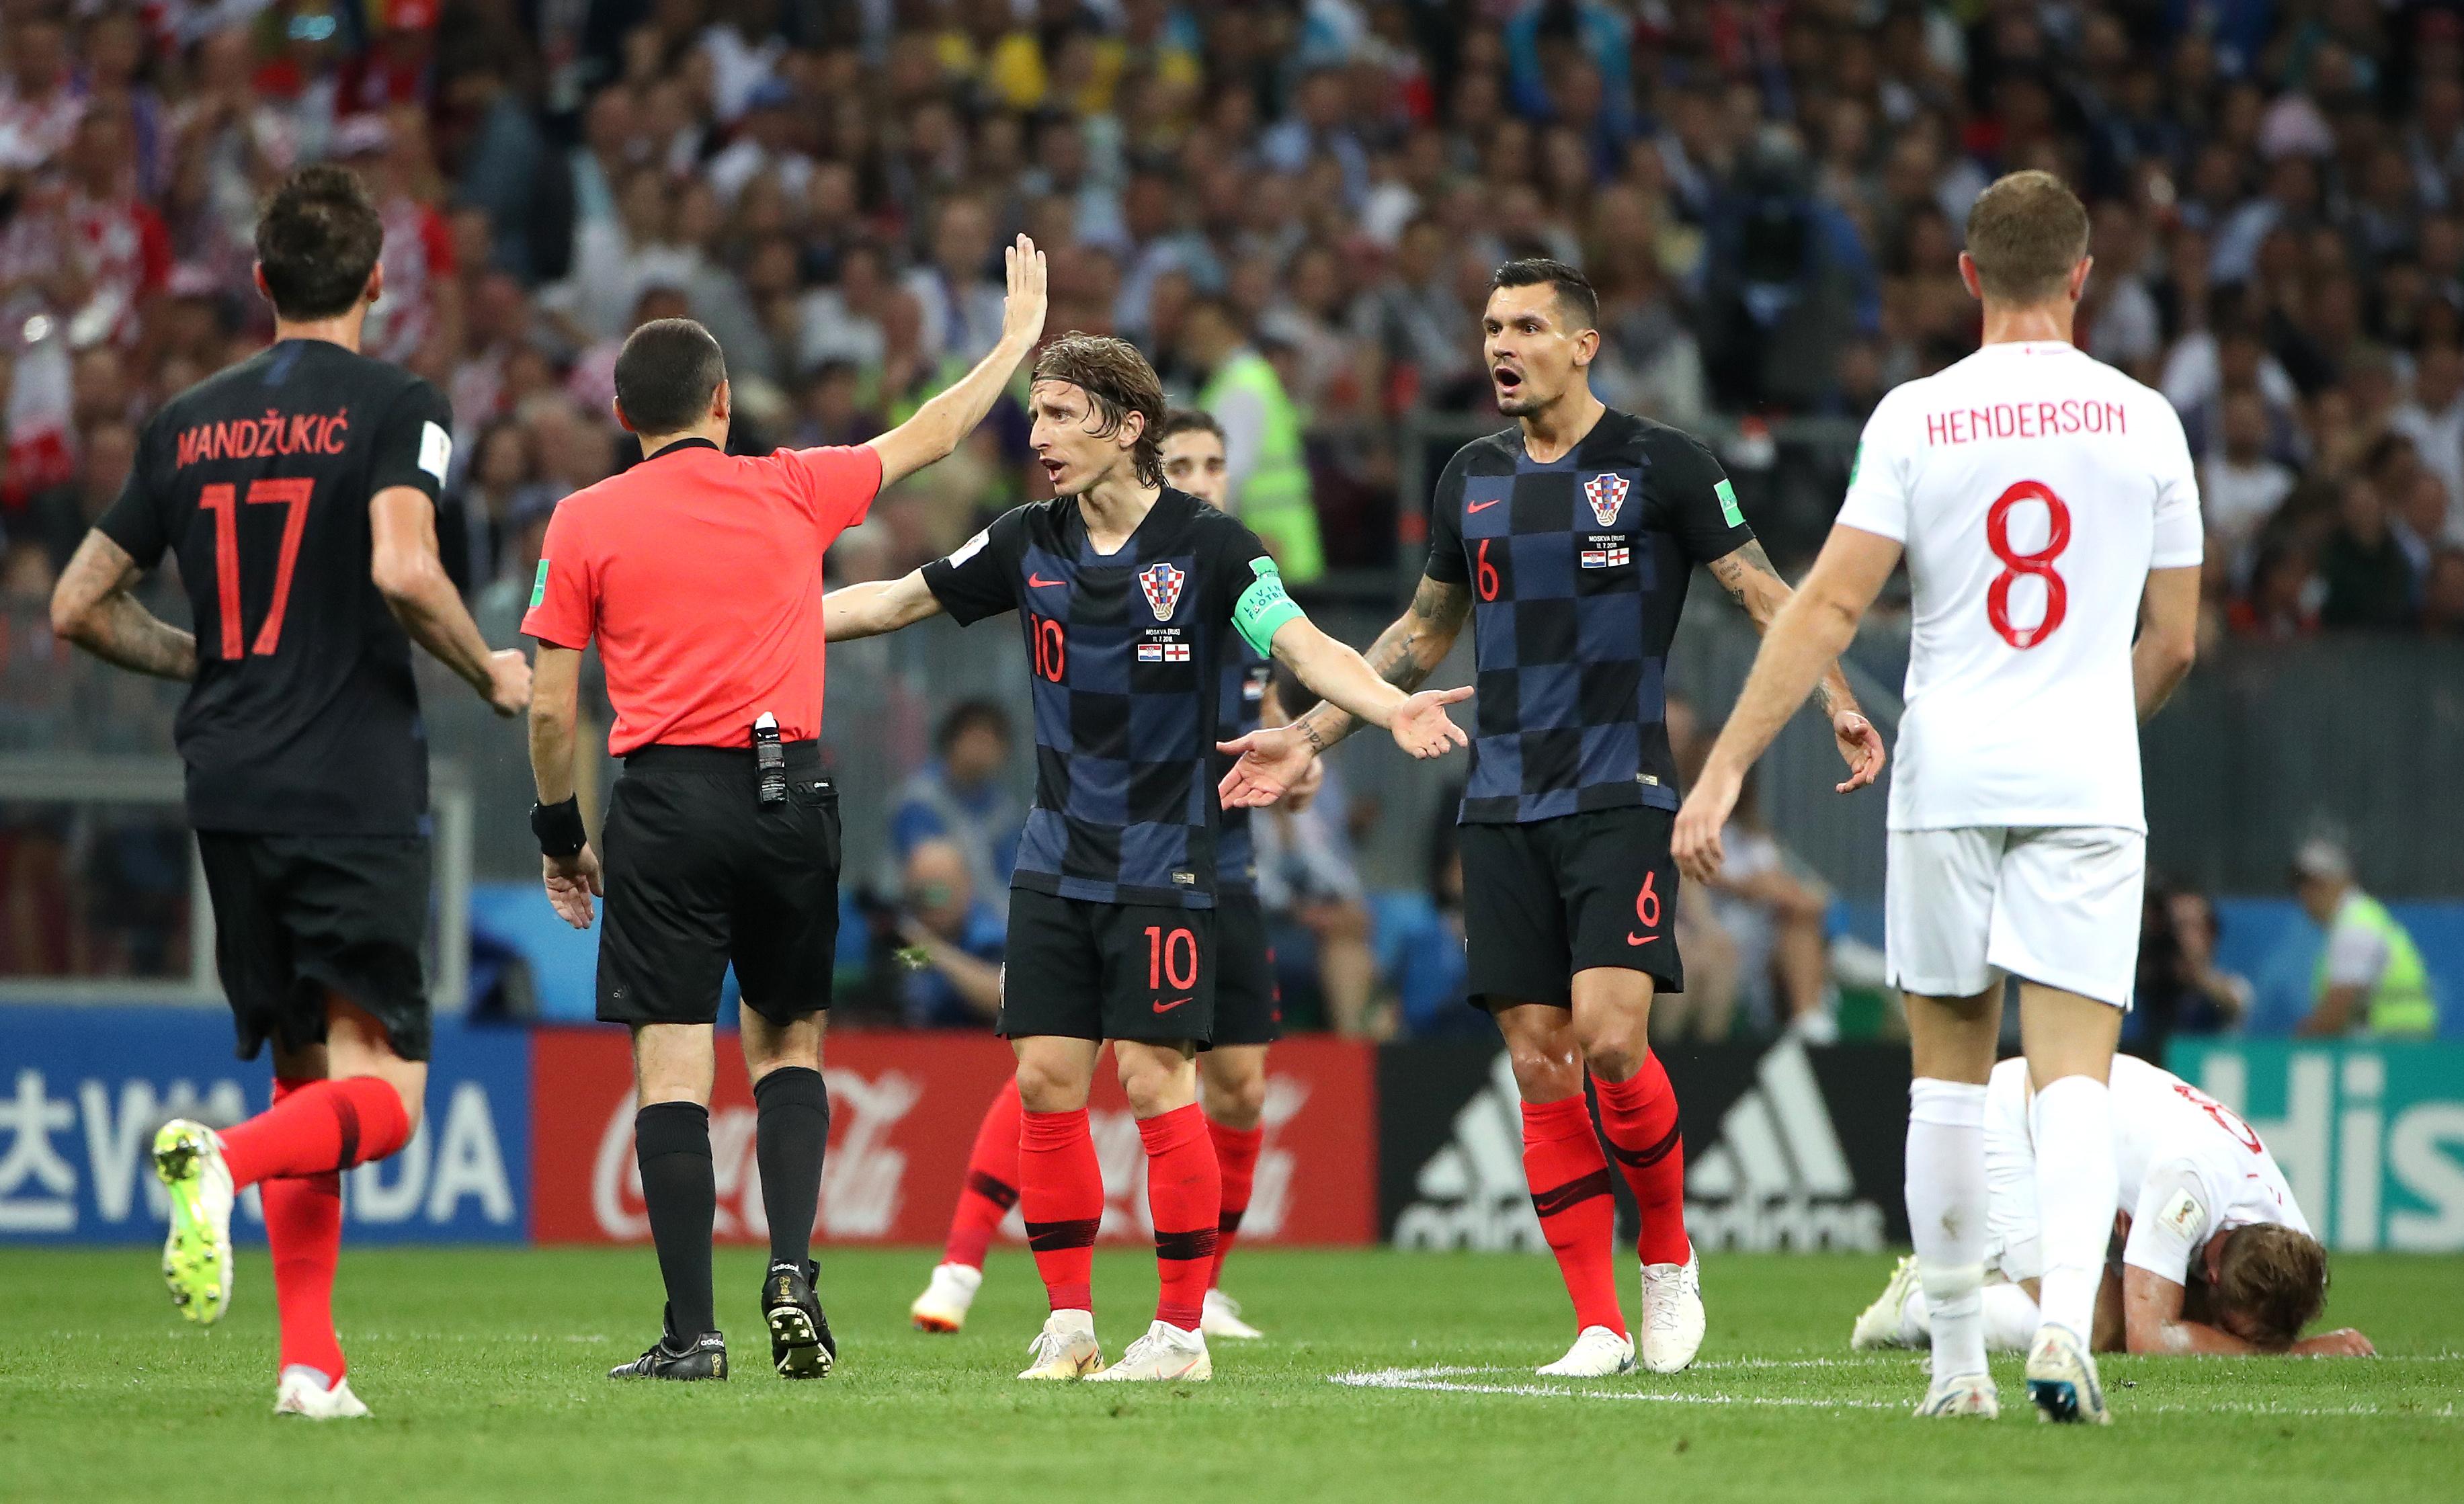 FIFPRO Petorica Hrvata u užem izboru za najbolju momčad